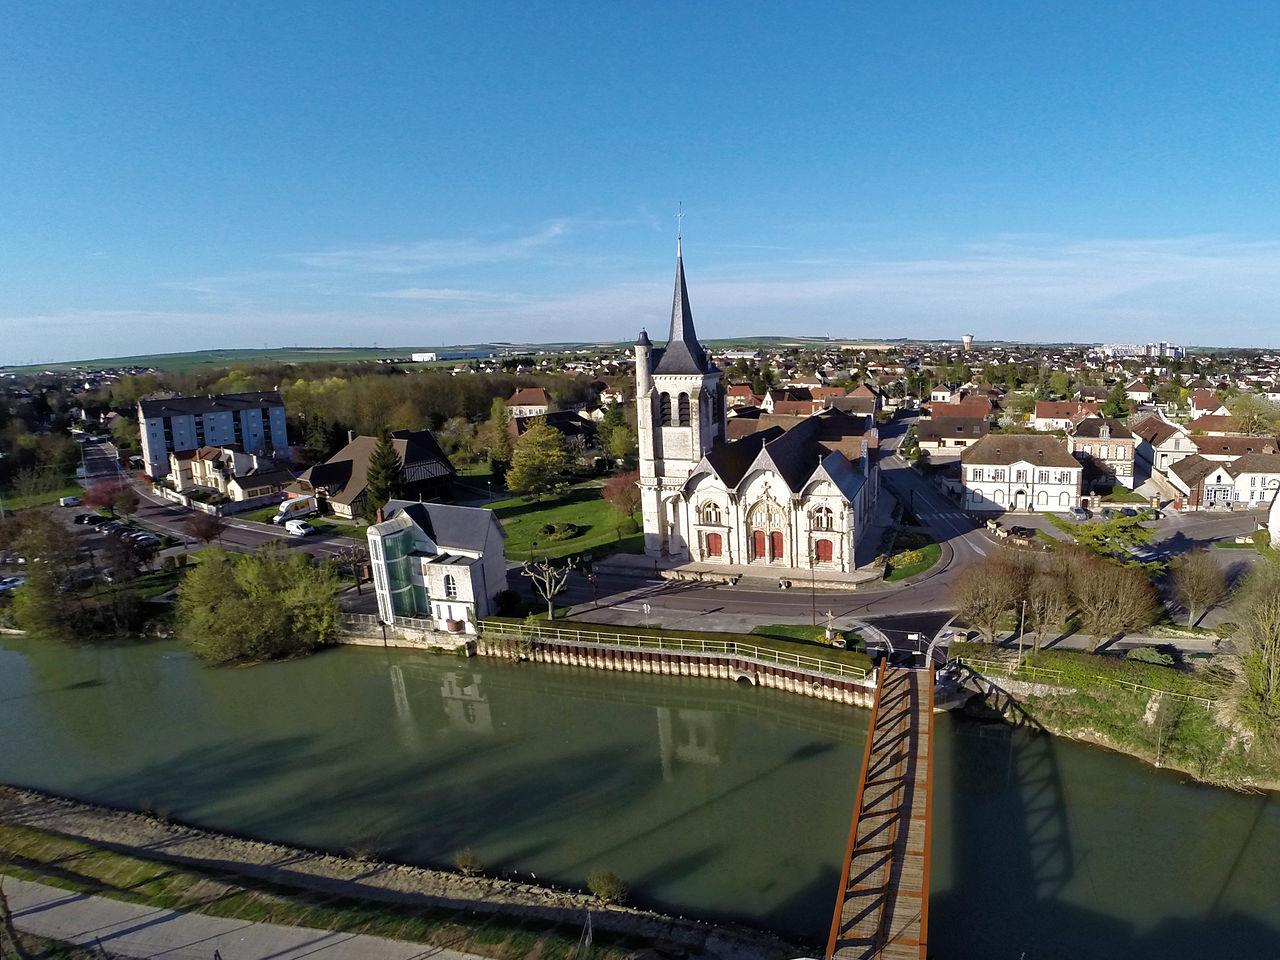 Vue aérienne de l'église, de la Seine et du bourg.